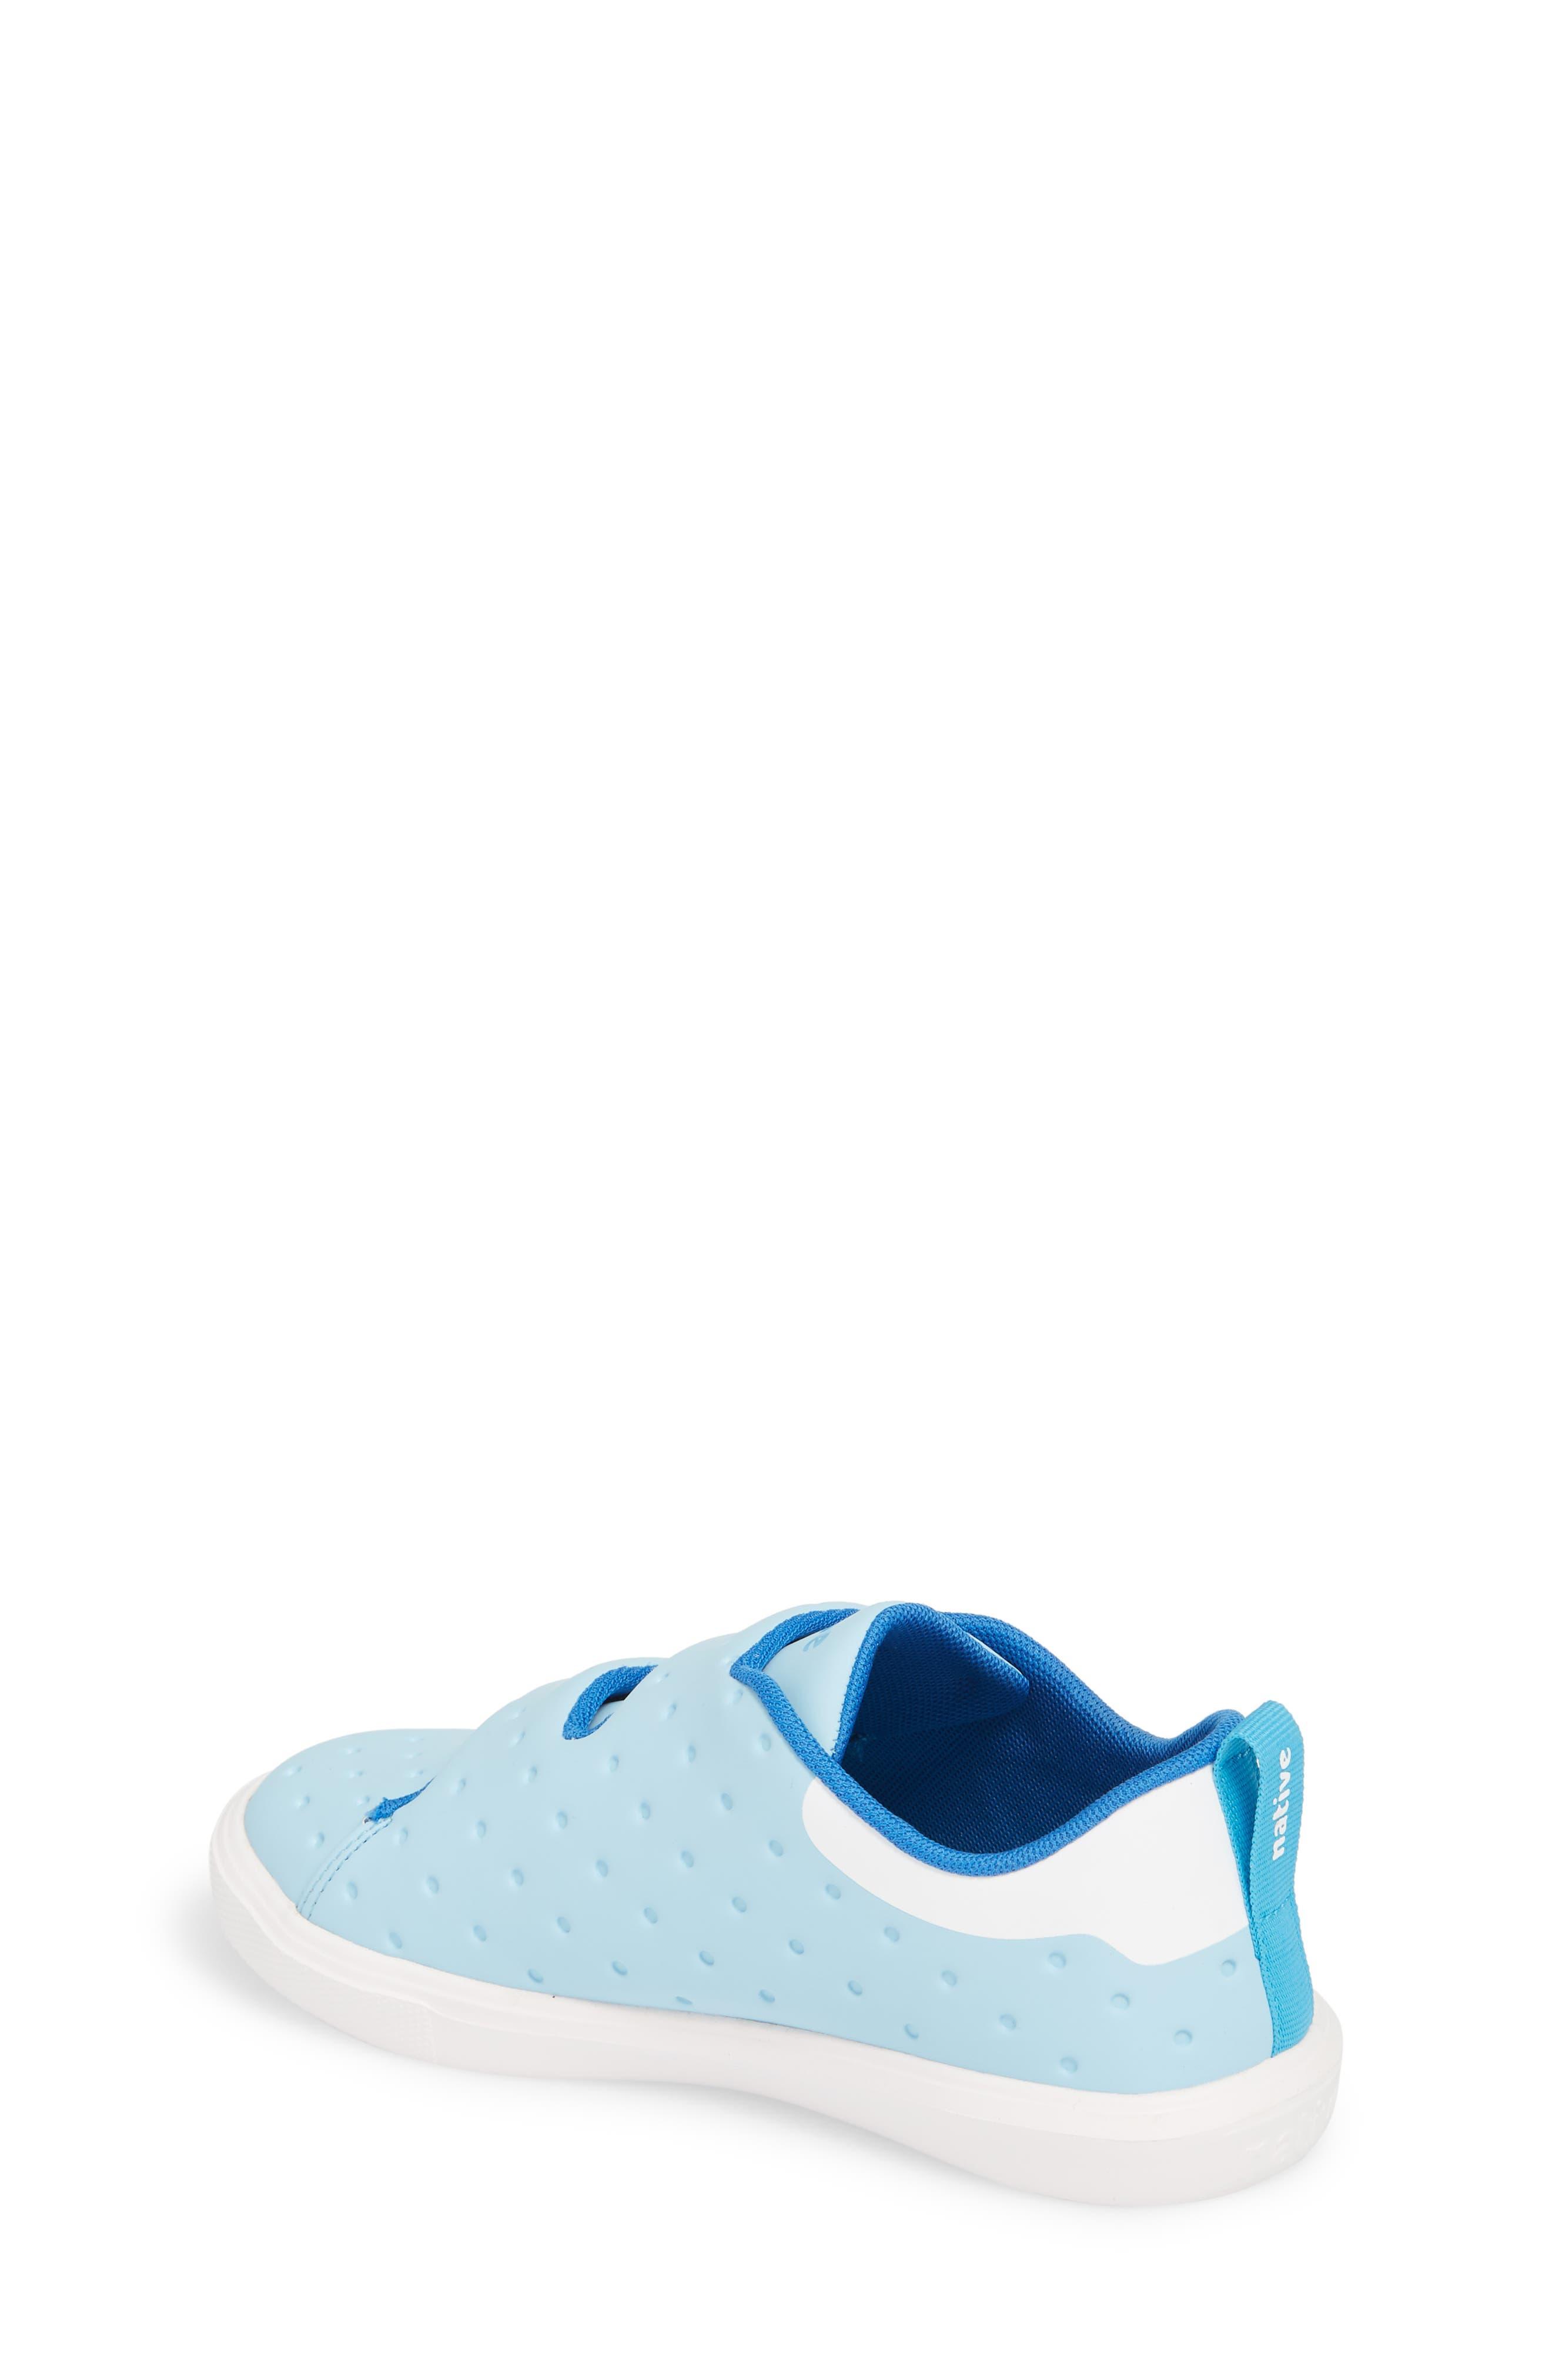 Monaco Sneaker,                             Alternate thumbnail 2, color,                             Sky Blue/ Shell White